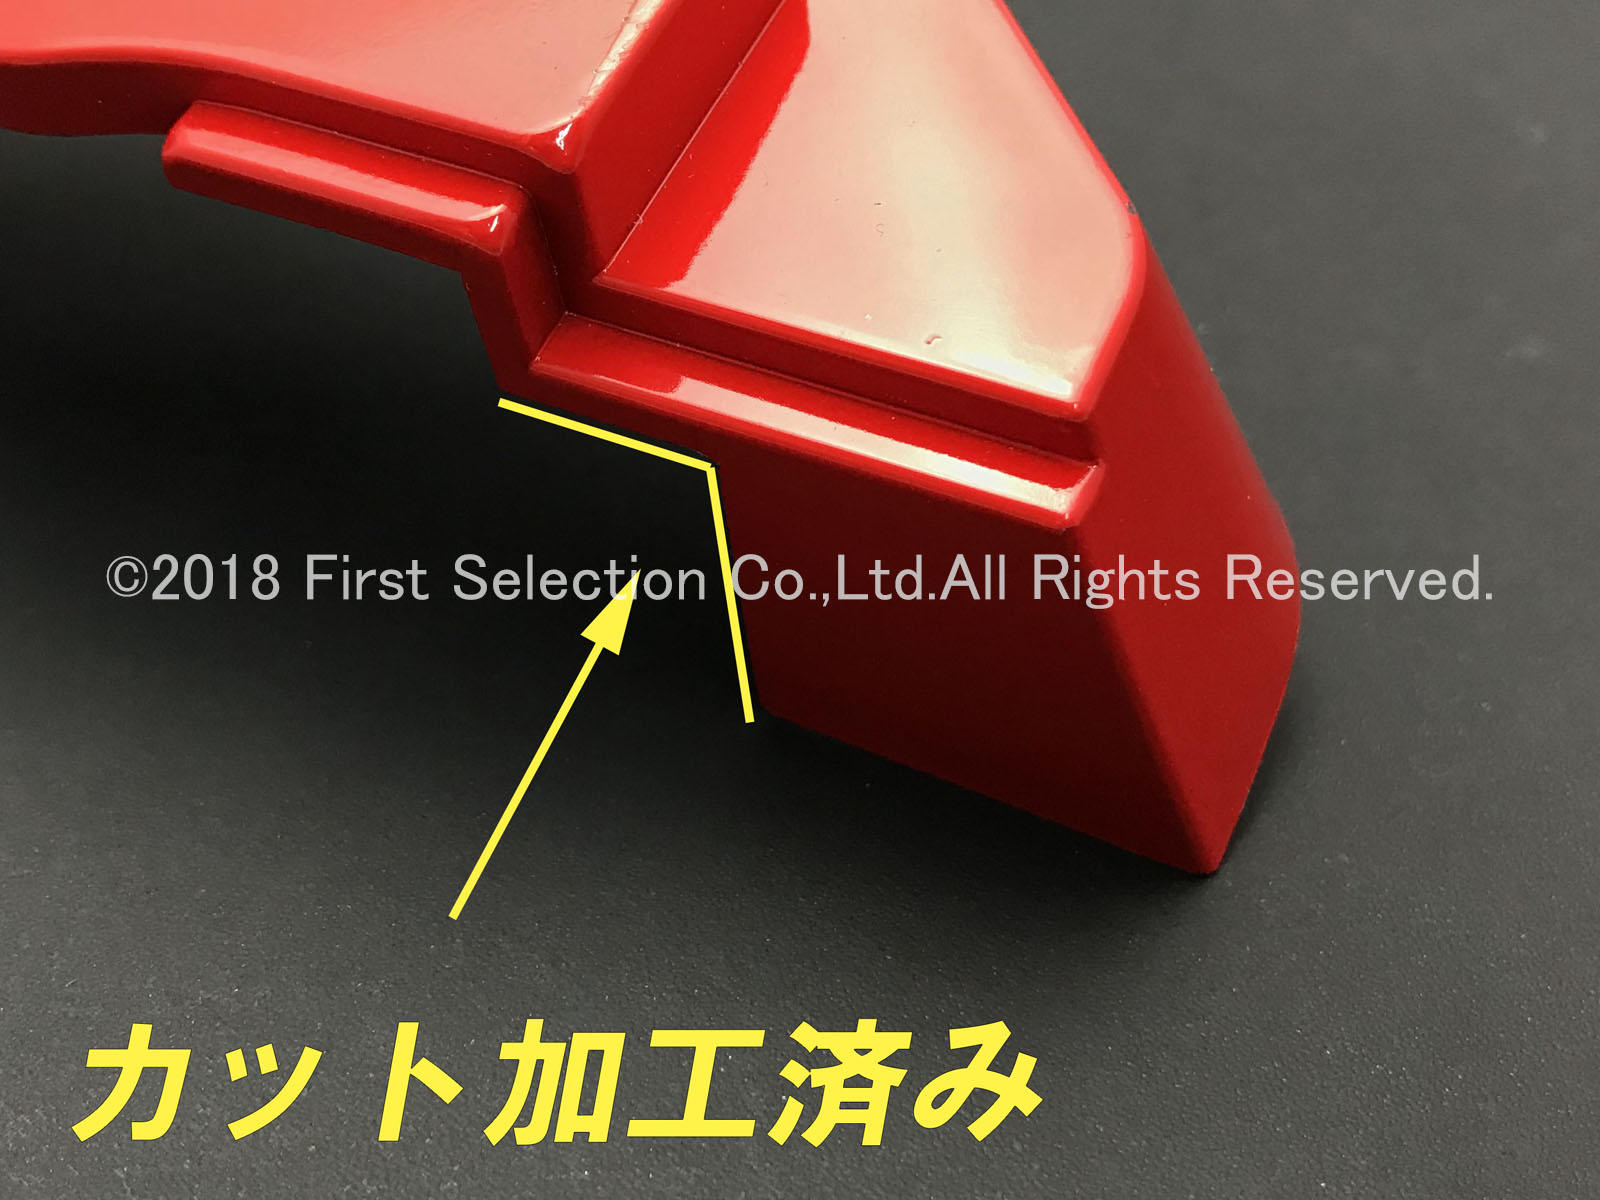 トヨタ車 PRIUSロゴ銀文字 プリウス50系専用 加工済金具付高品質キャリパーカバー赤 M/Mサイズセット